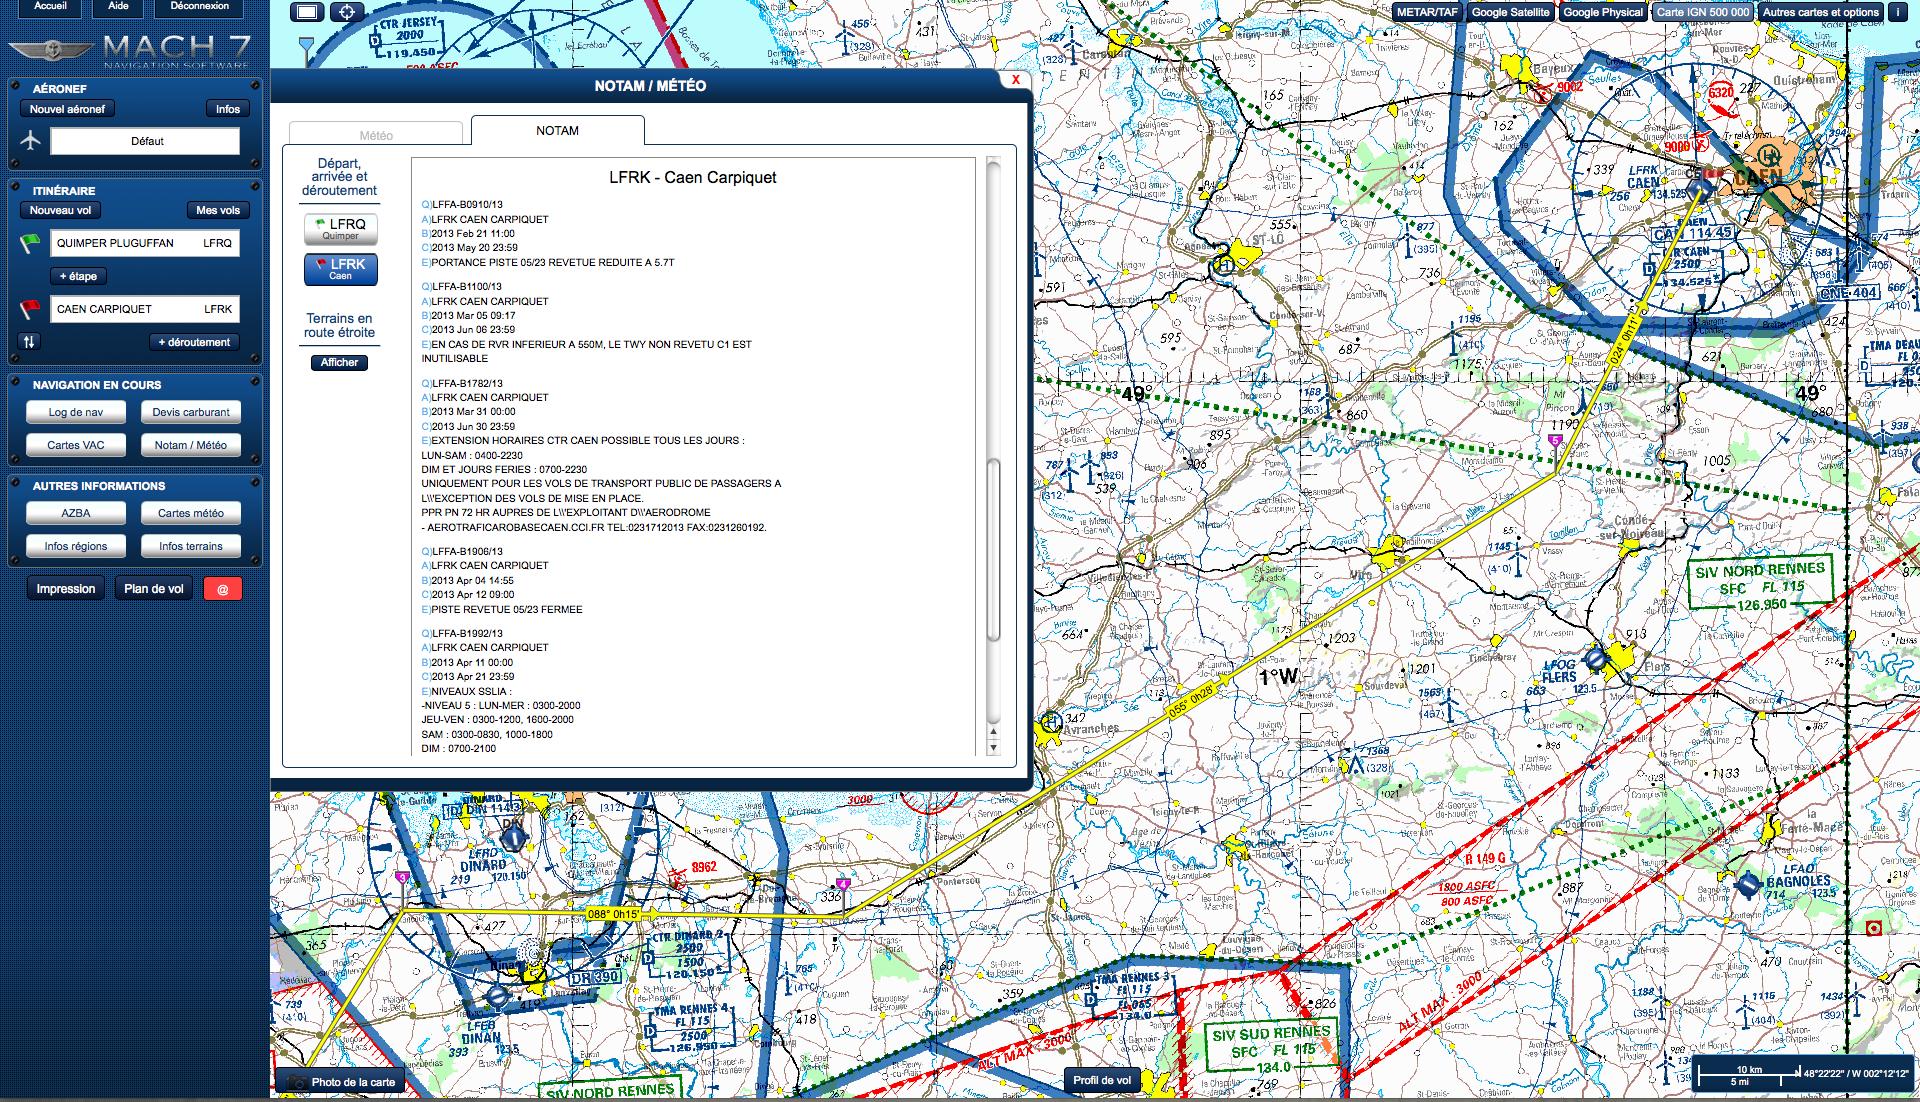 Nouveau logiciel de préparation de vol VFR français Mach7-notam